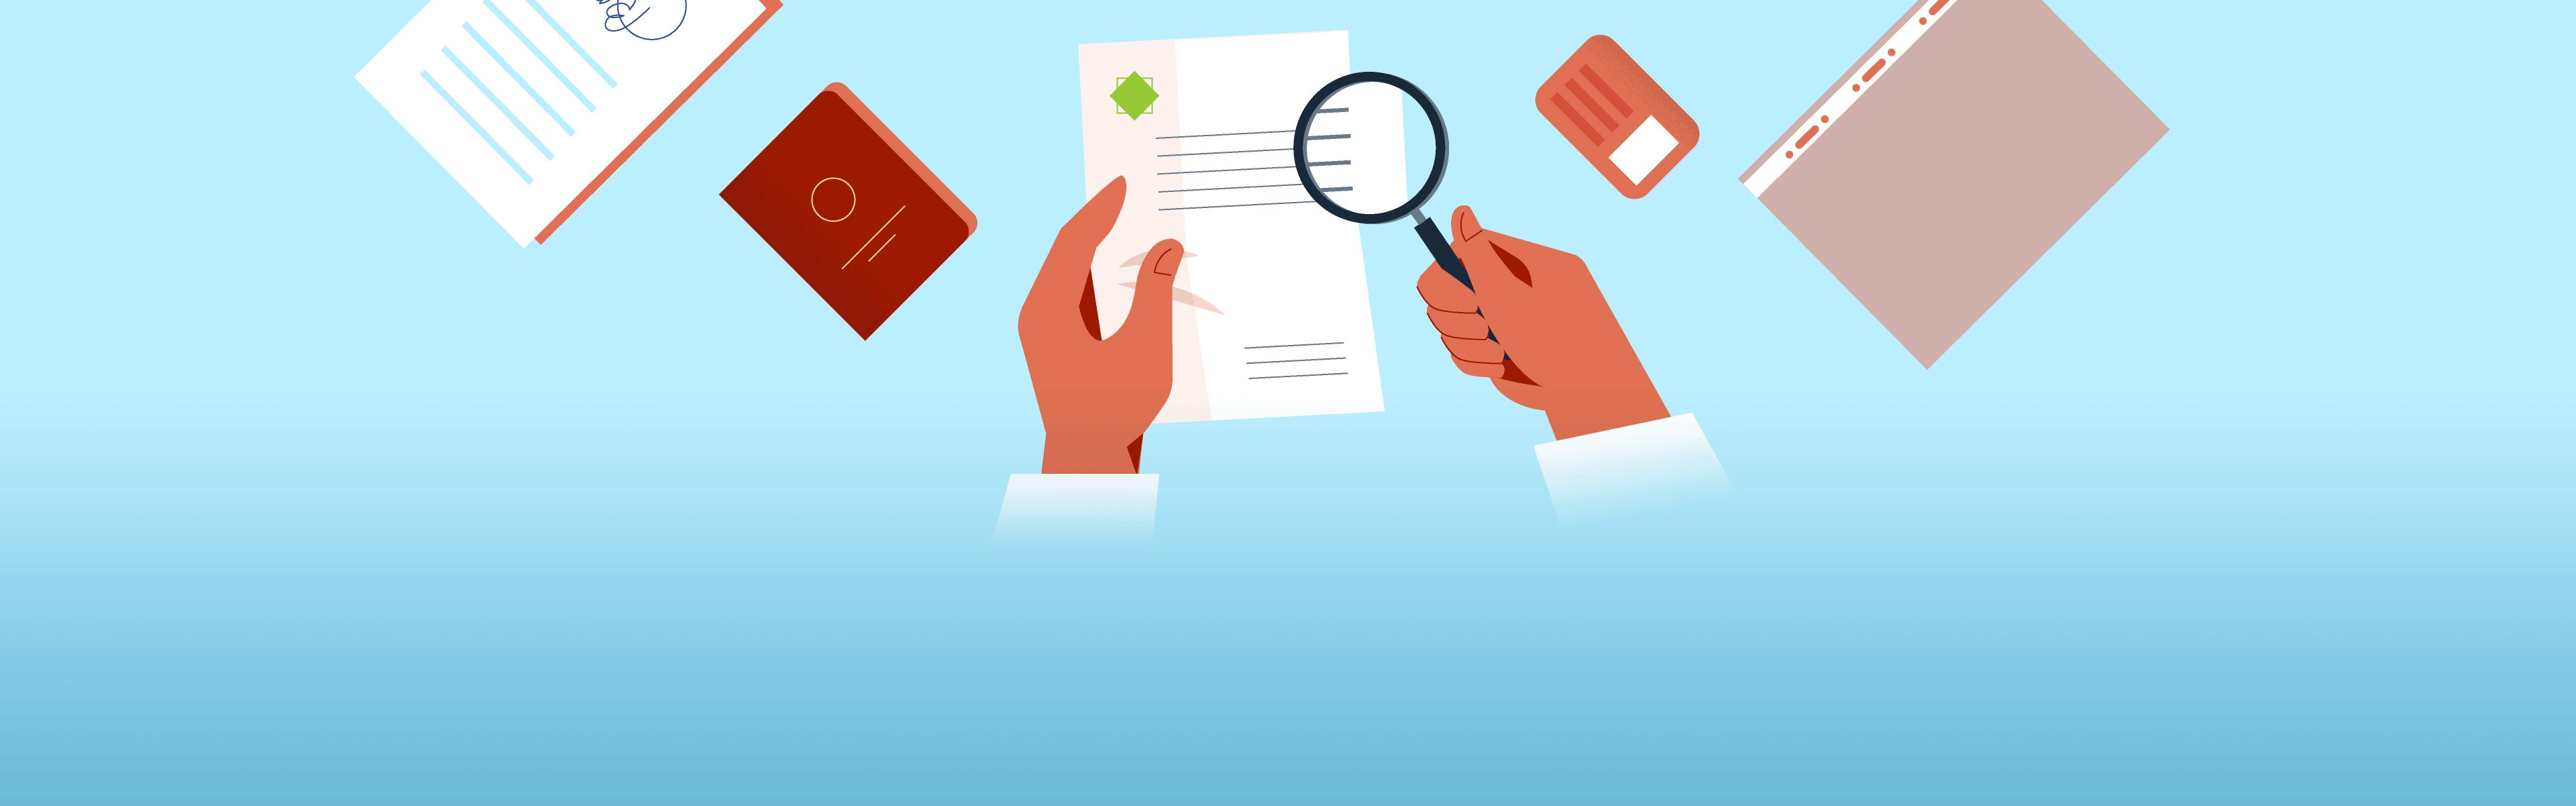 В каком случае судебные приставы могут забрать или арестовать автомобиль в счет кредитного долга сына в 2020 году